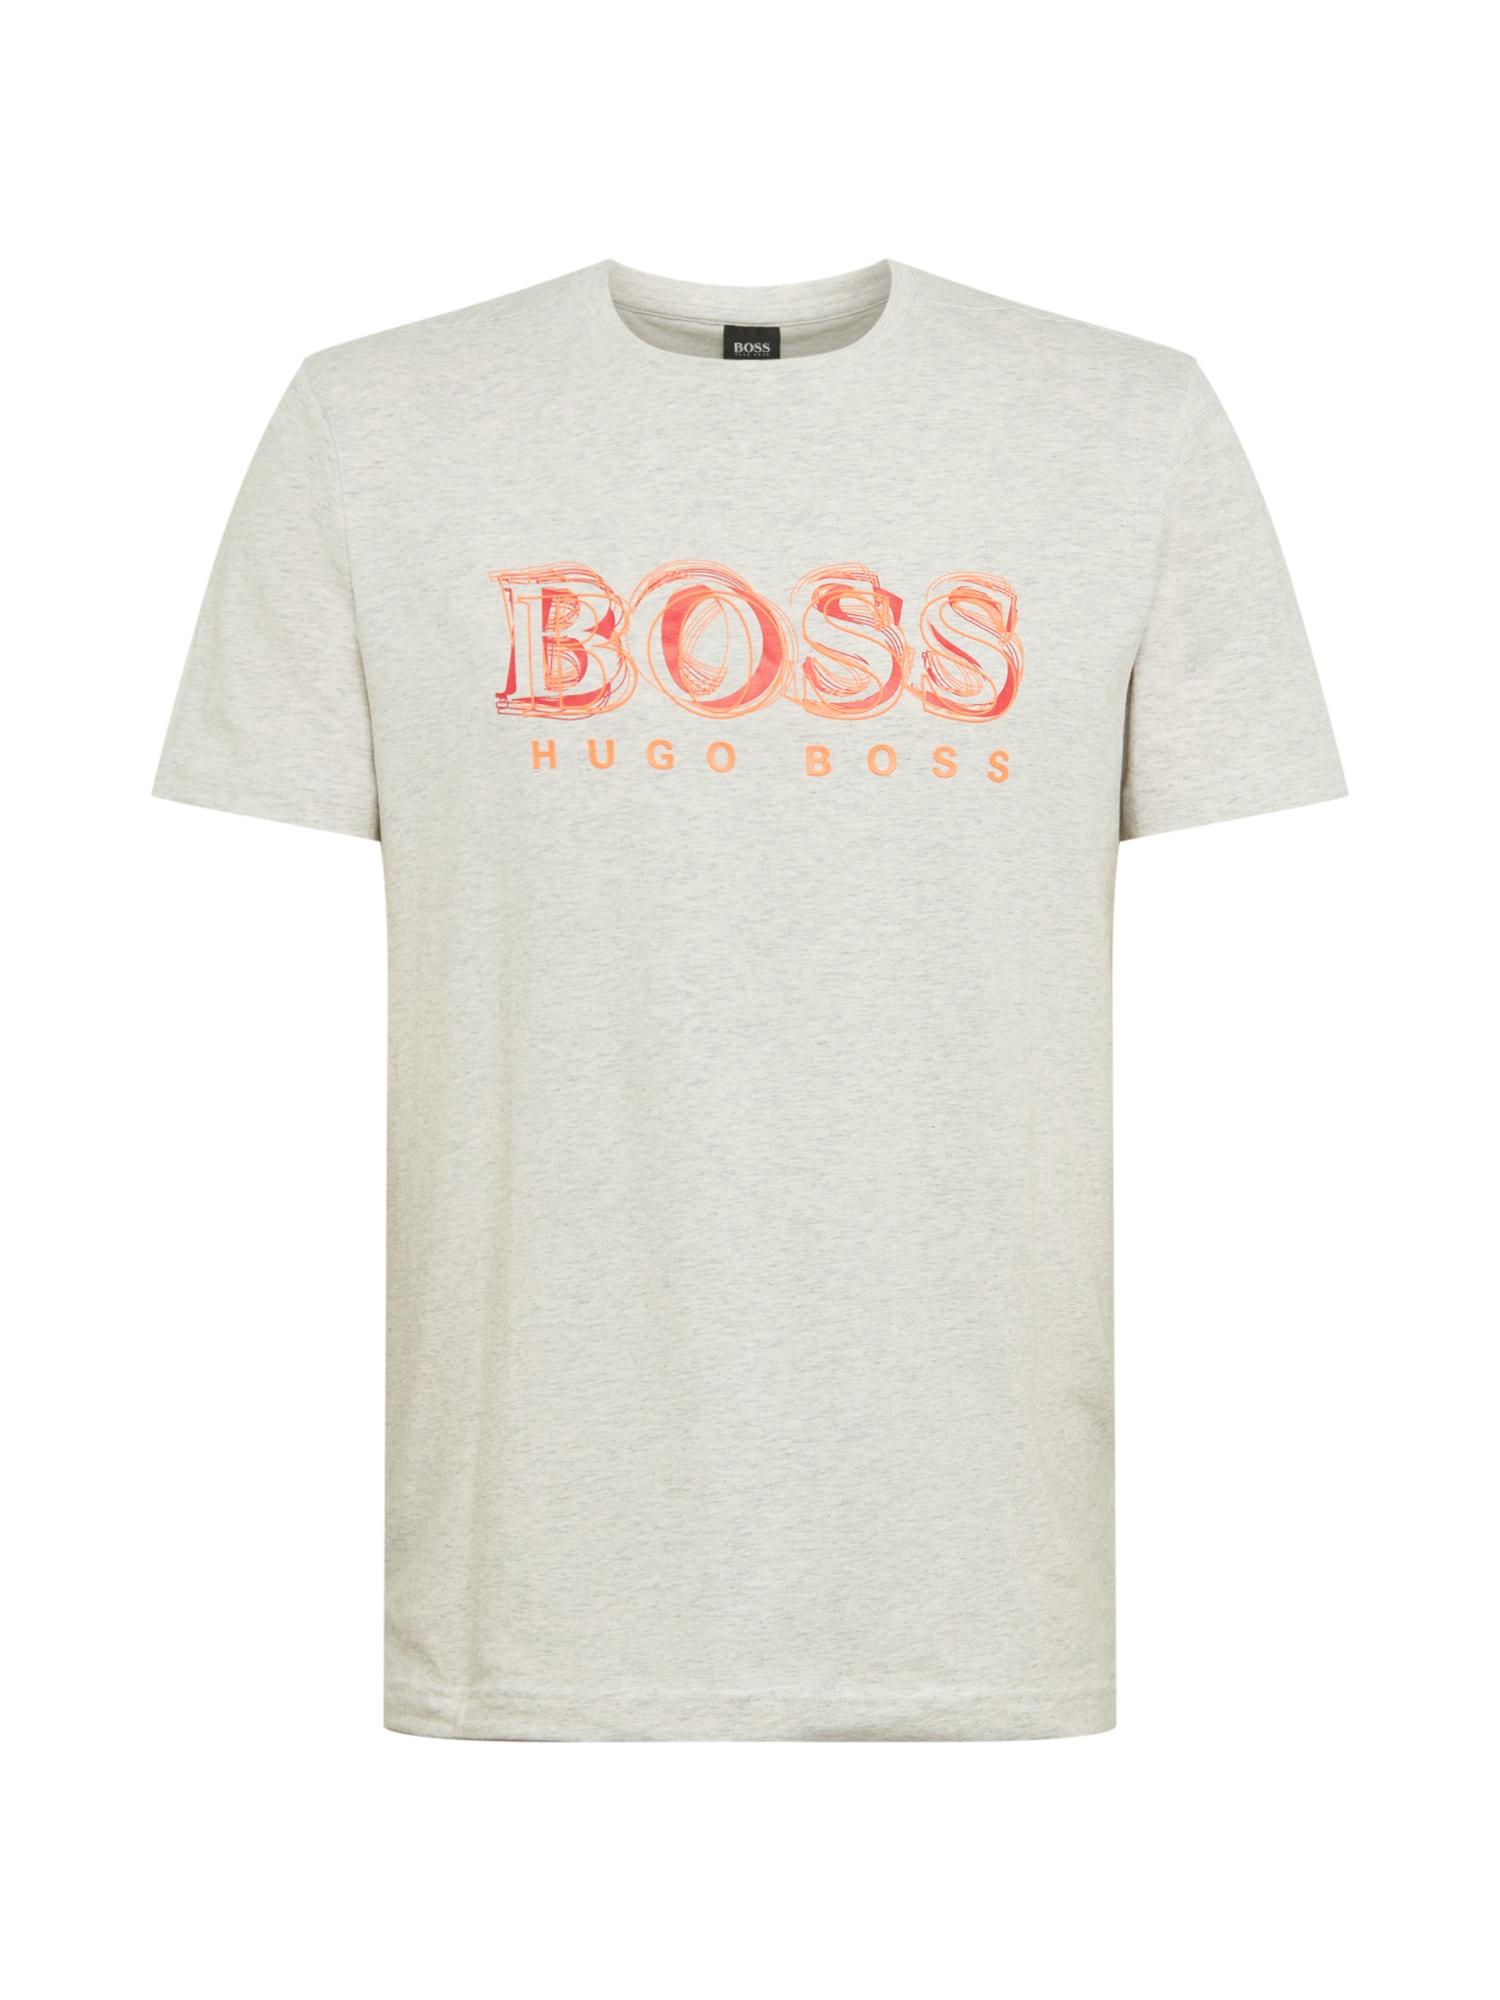 BOSS ATHLEISURE Marškinėliai 'Tee 4' šviesiai pilka